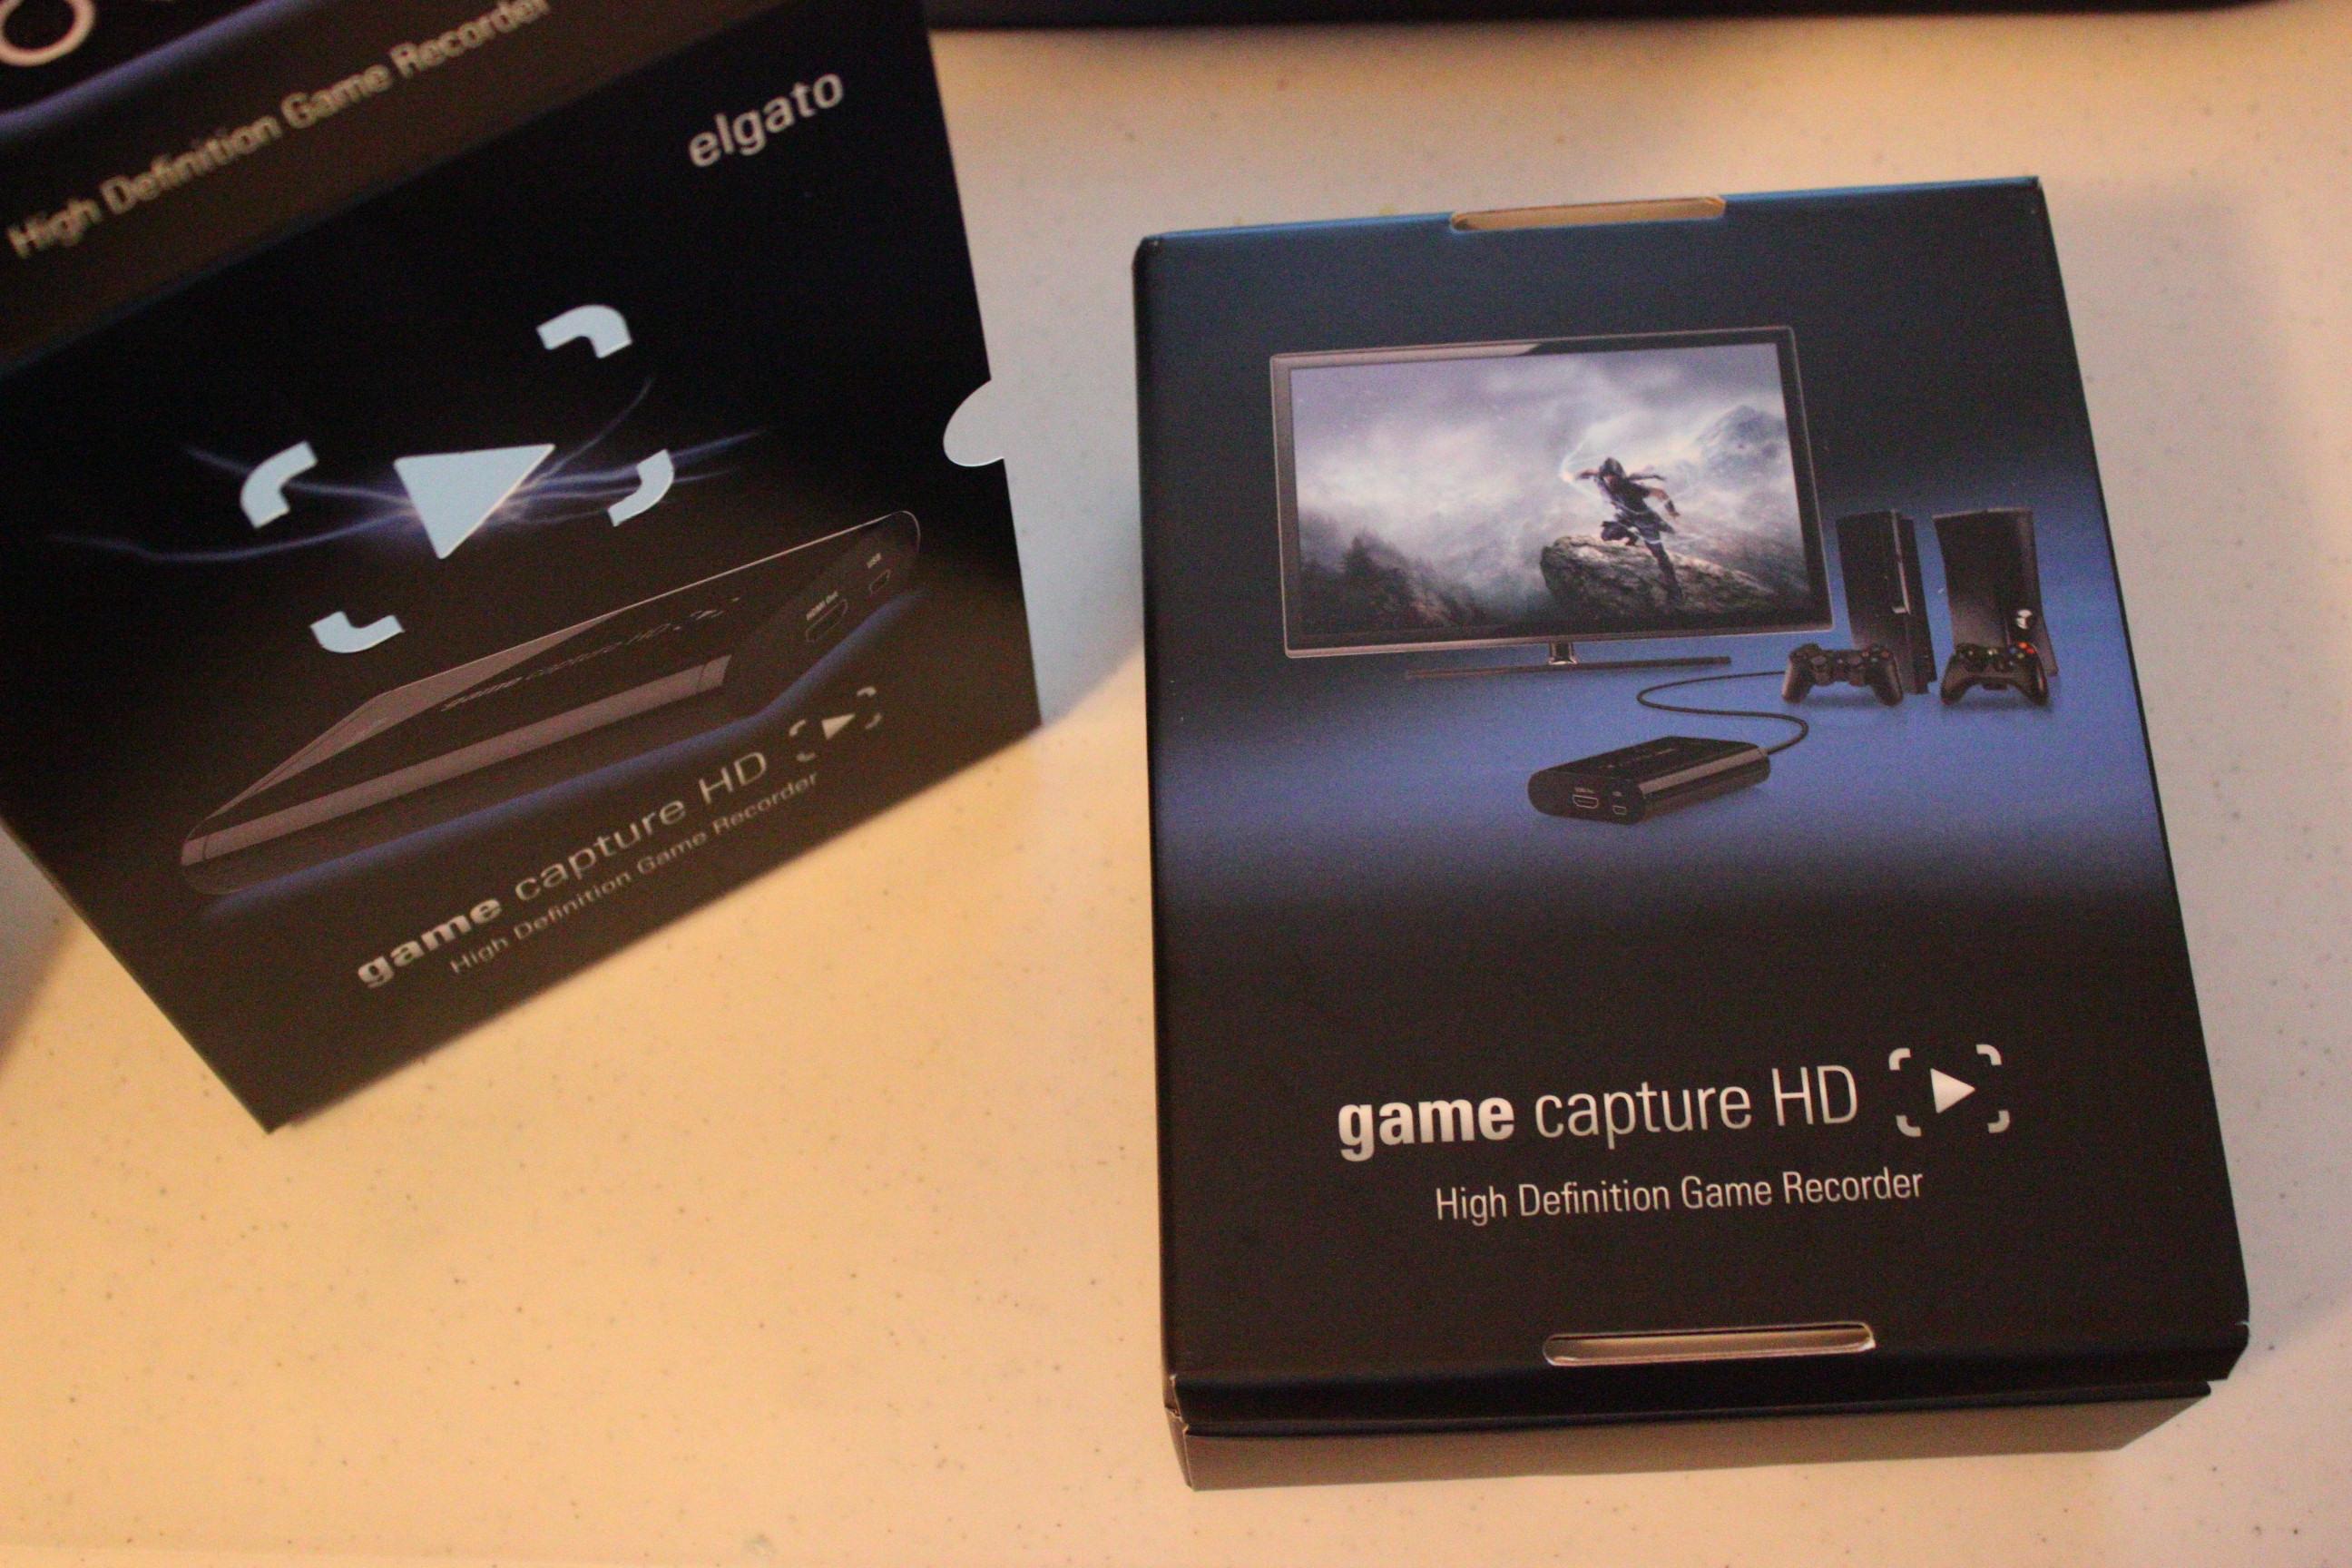 avermedia game capture hd manual